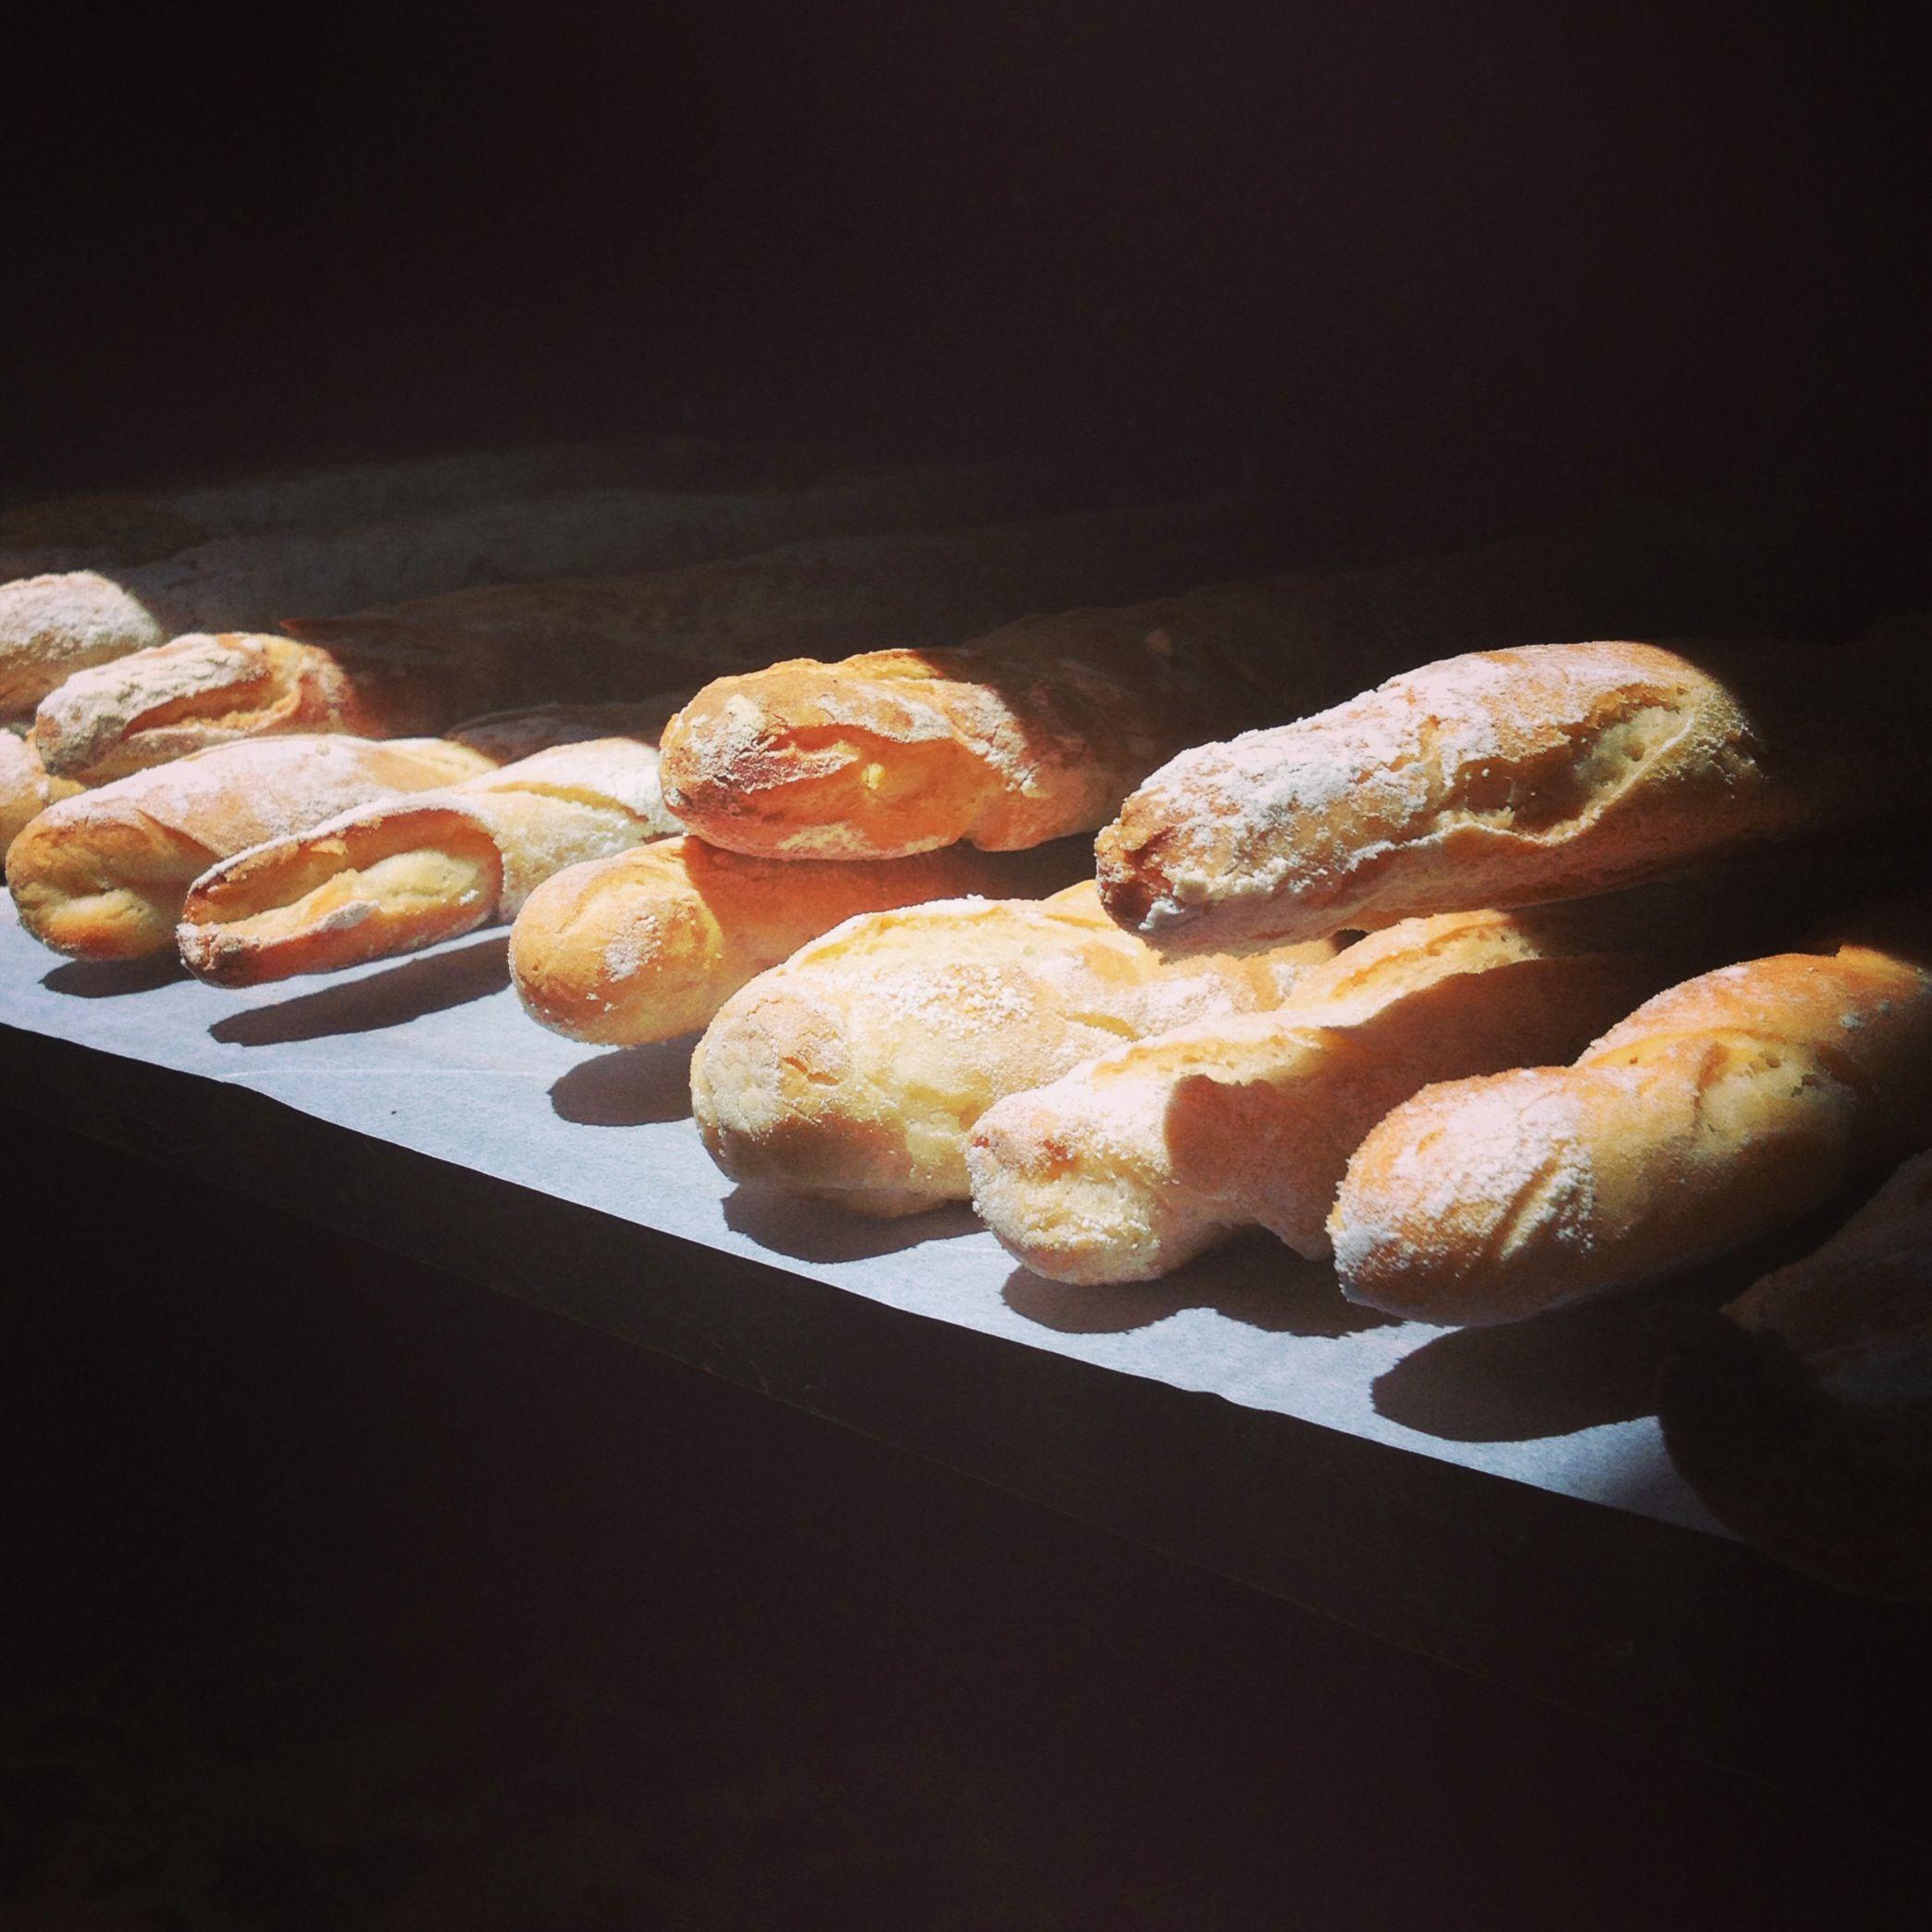 Bella Vedere Baked bread, Yarra Valley, Victoria